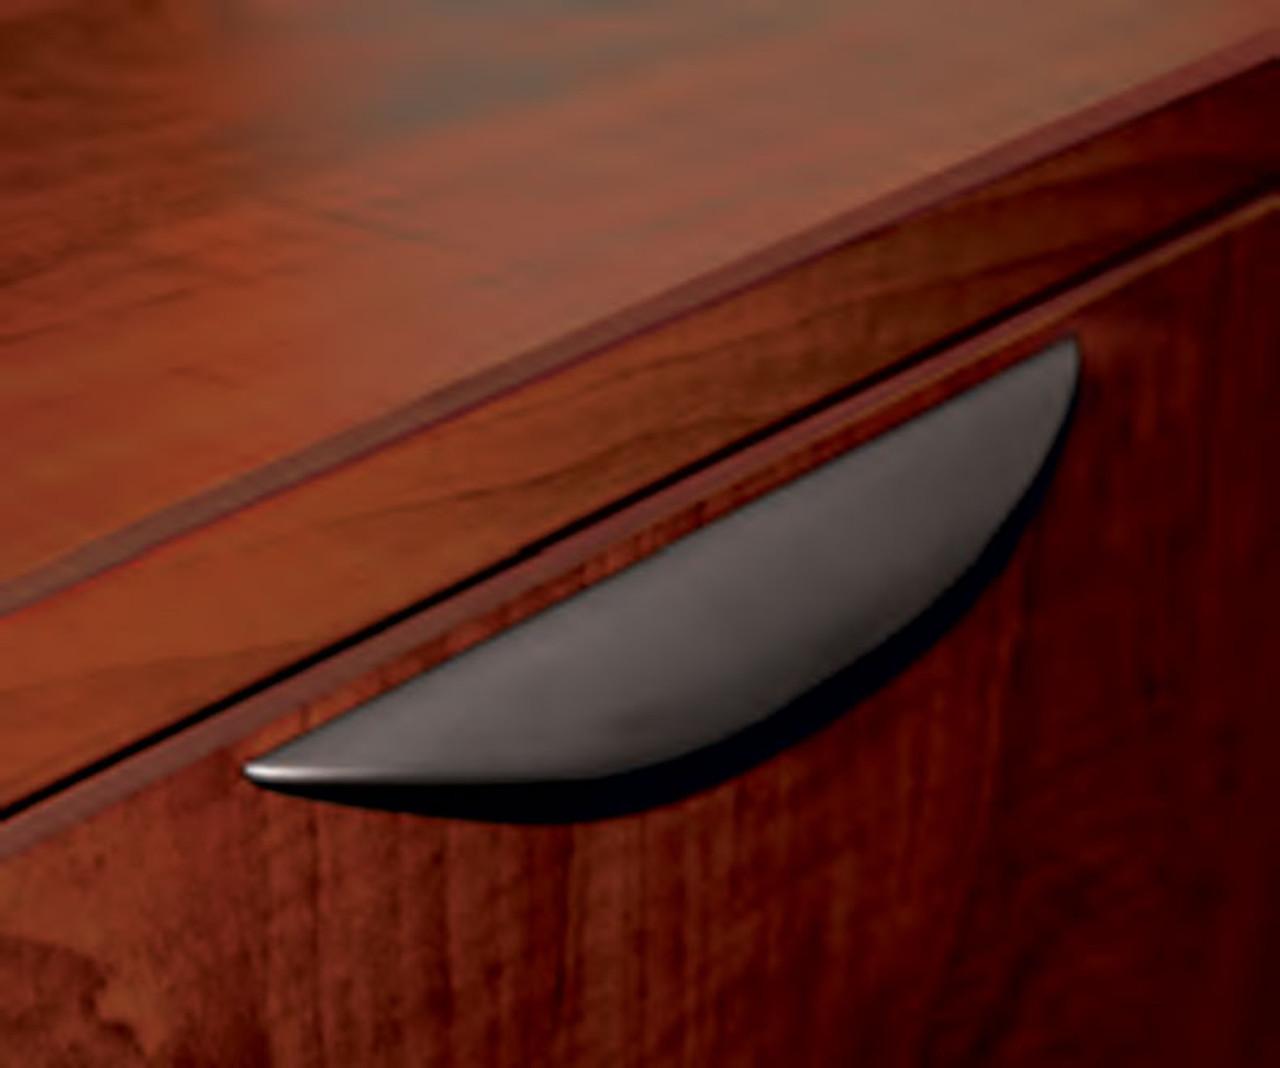 One Person Workstation w/Acrylic Aluminum Privacy Panel, #OT-SUL-HPO76